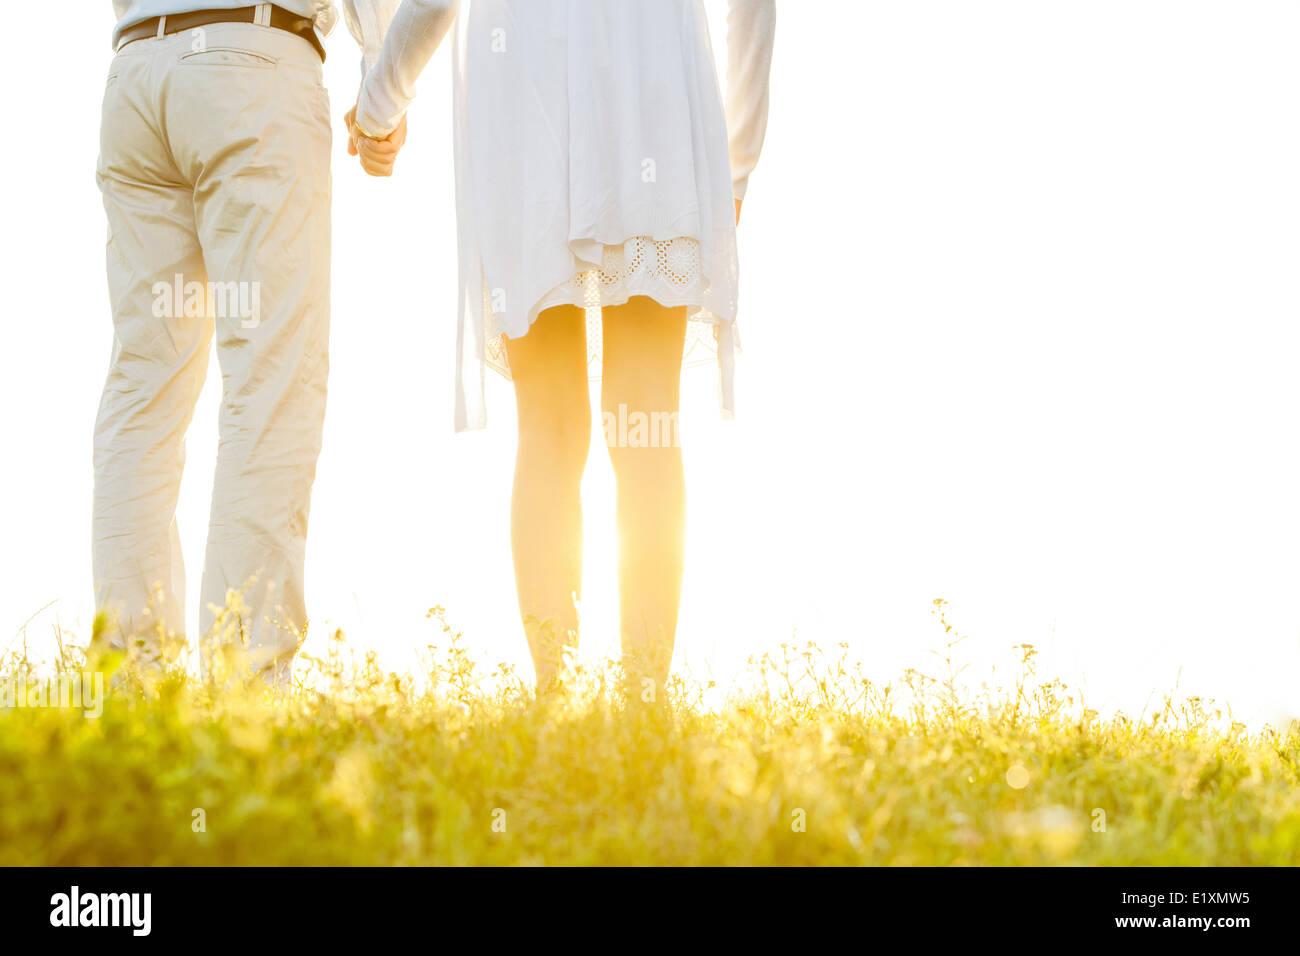 Vista posterior de la parte media de la pareja tomados de las manos sobre el césped contra sky Imagen De Stock